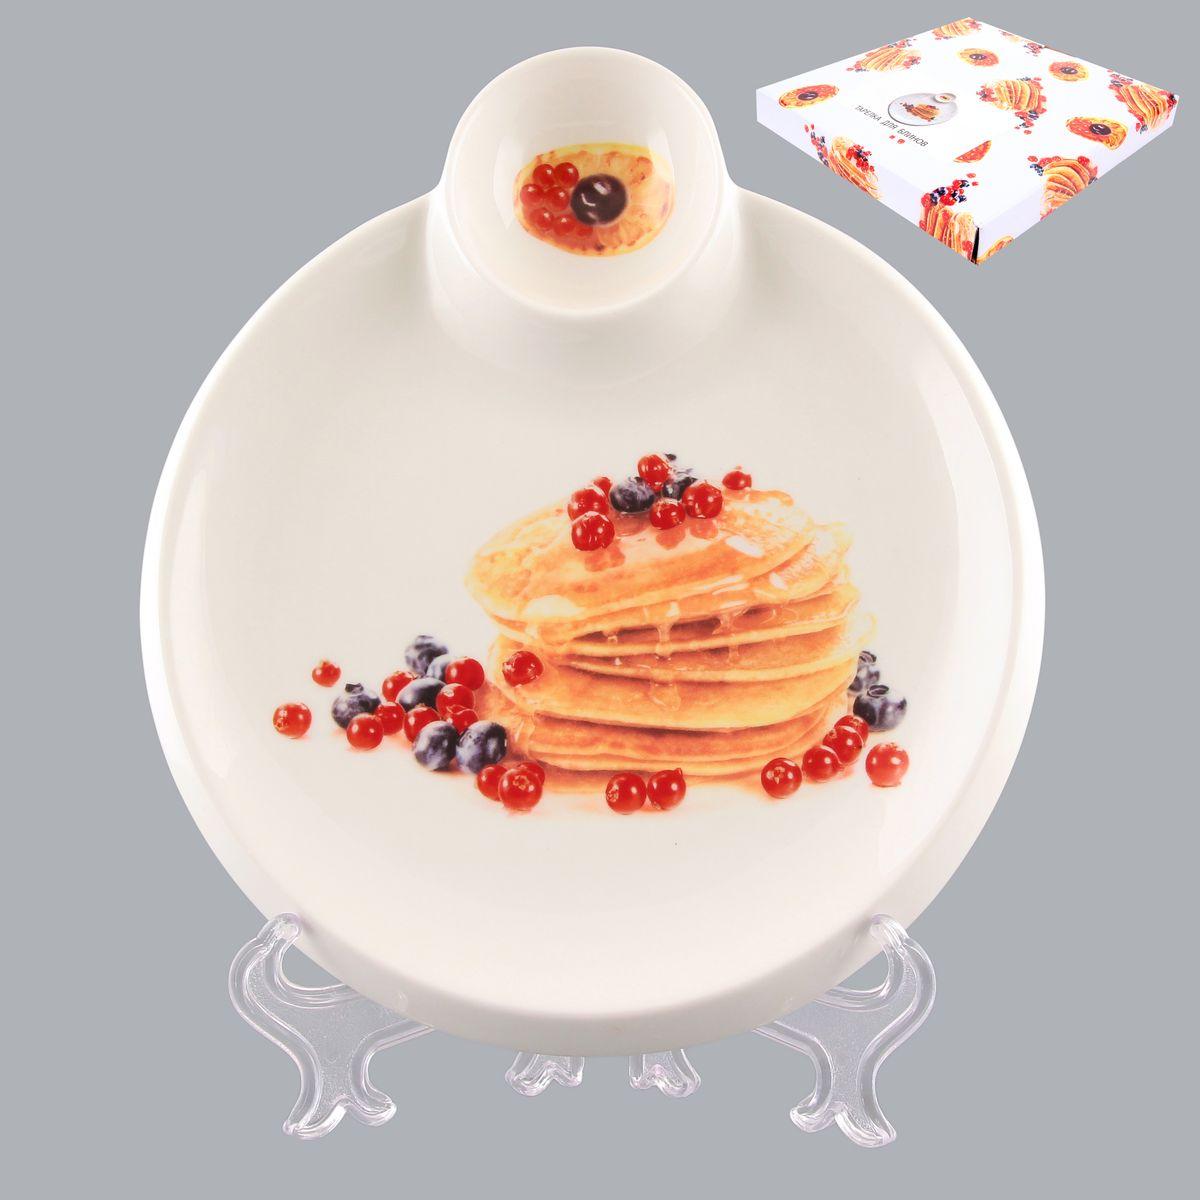 Тарелка для блинов Elan Gallery Блины с ягодами, с соусницей, диаметр 20 см101220Круглая тарелка Elan Gallery Блины с ягодами, изготовленная из керамики и декорированная ярким и аппетитным изображением, позволит красиво подать блины. А благодаря небольшой соуснице вам не потребуется дополнительной посуды под варенье или соус. Такая тарелка украсит сервировку вашего стола и подчеркнет прекрасный вкус хозяина, а также станет отличным подарком. Диаметр тарелки: 20 см. Высота: 2 см. Диаметр соусницы: 6 см.